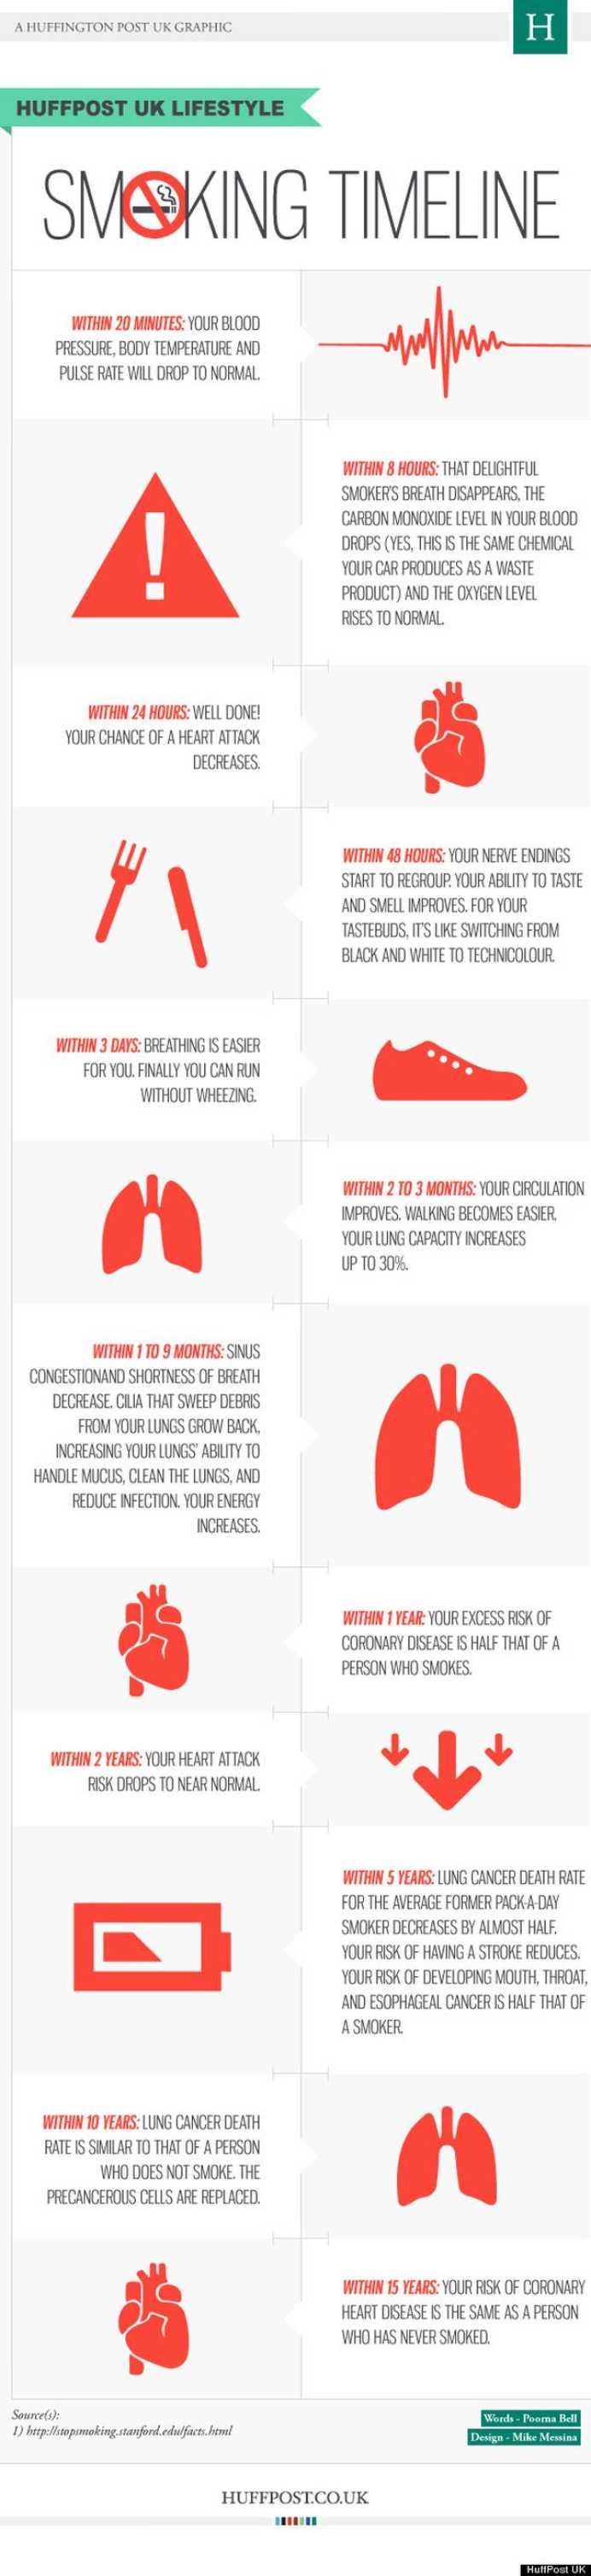 grafic fumat